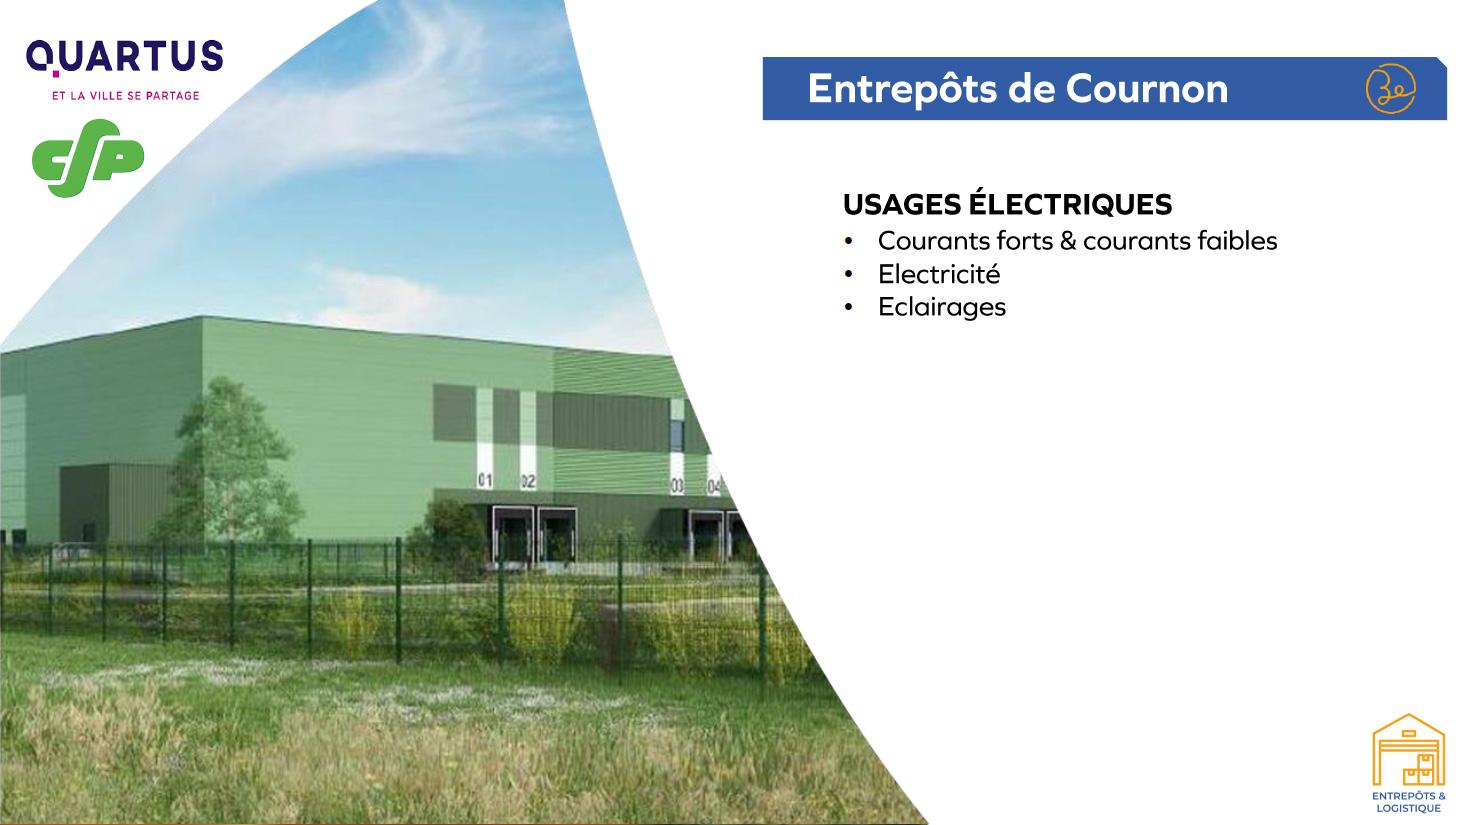 Quartus - Entrepôts et Logistique